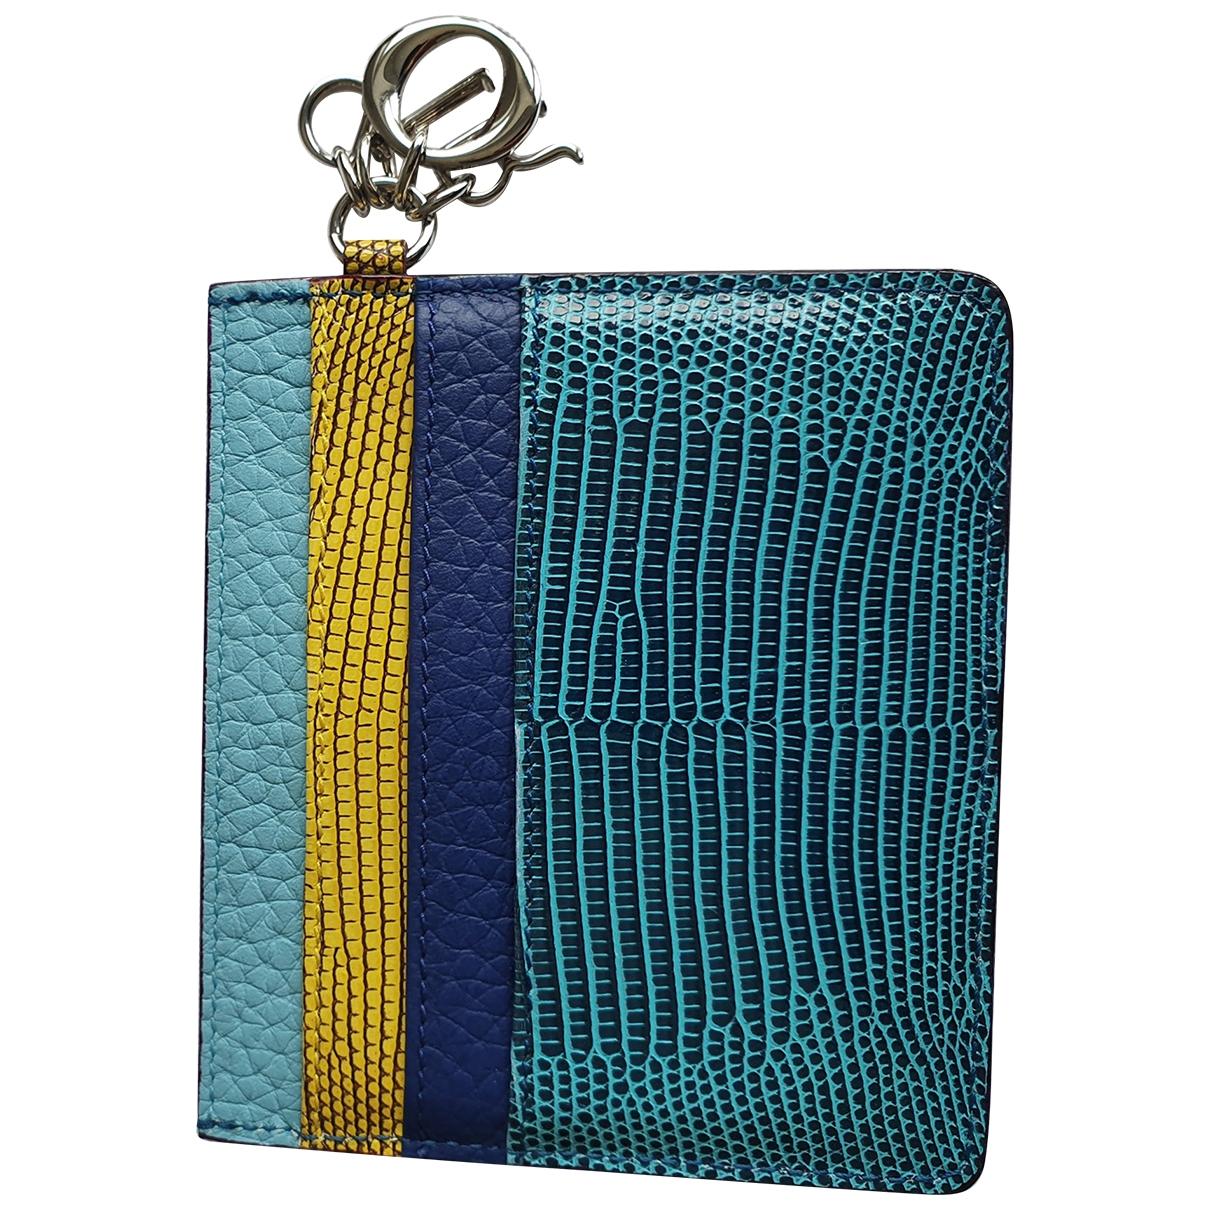 Dior \N Kleinlederwaren in  Blau Echse